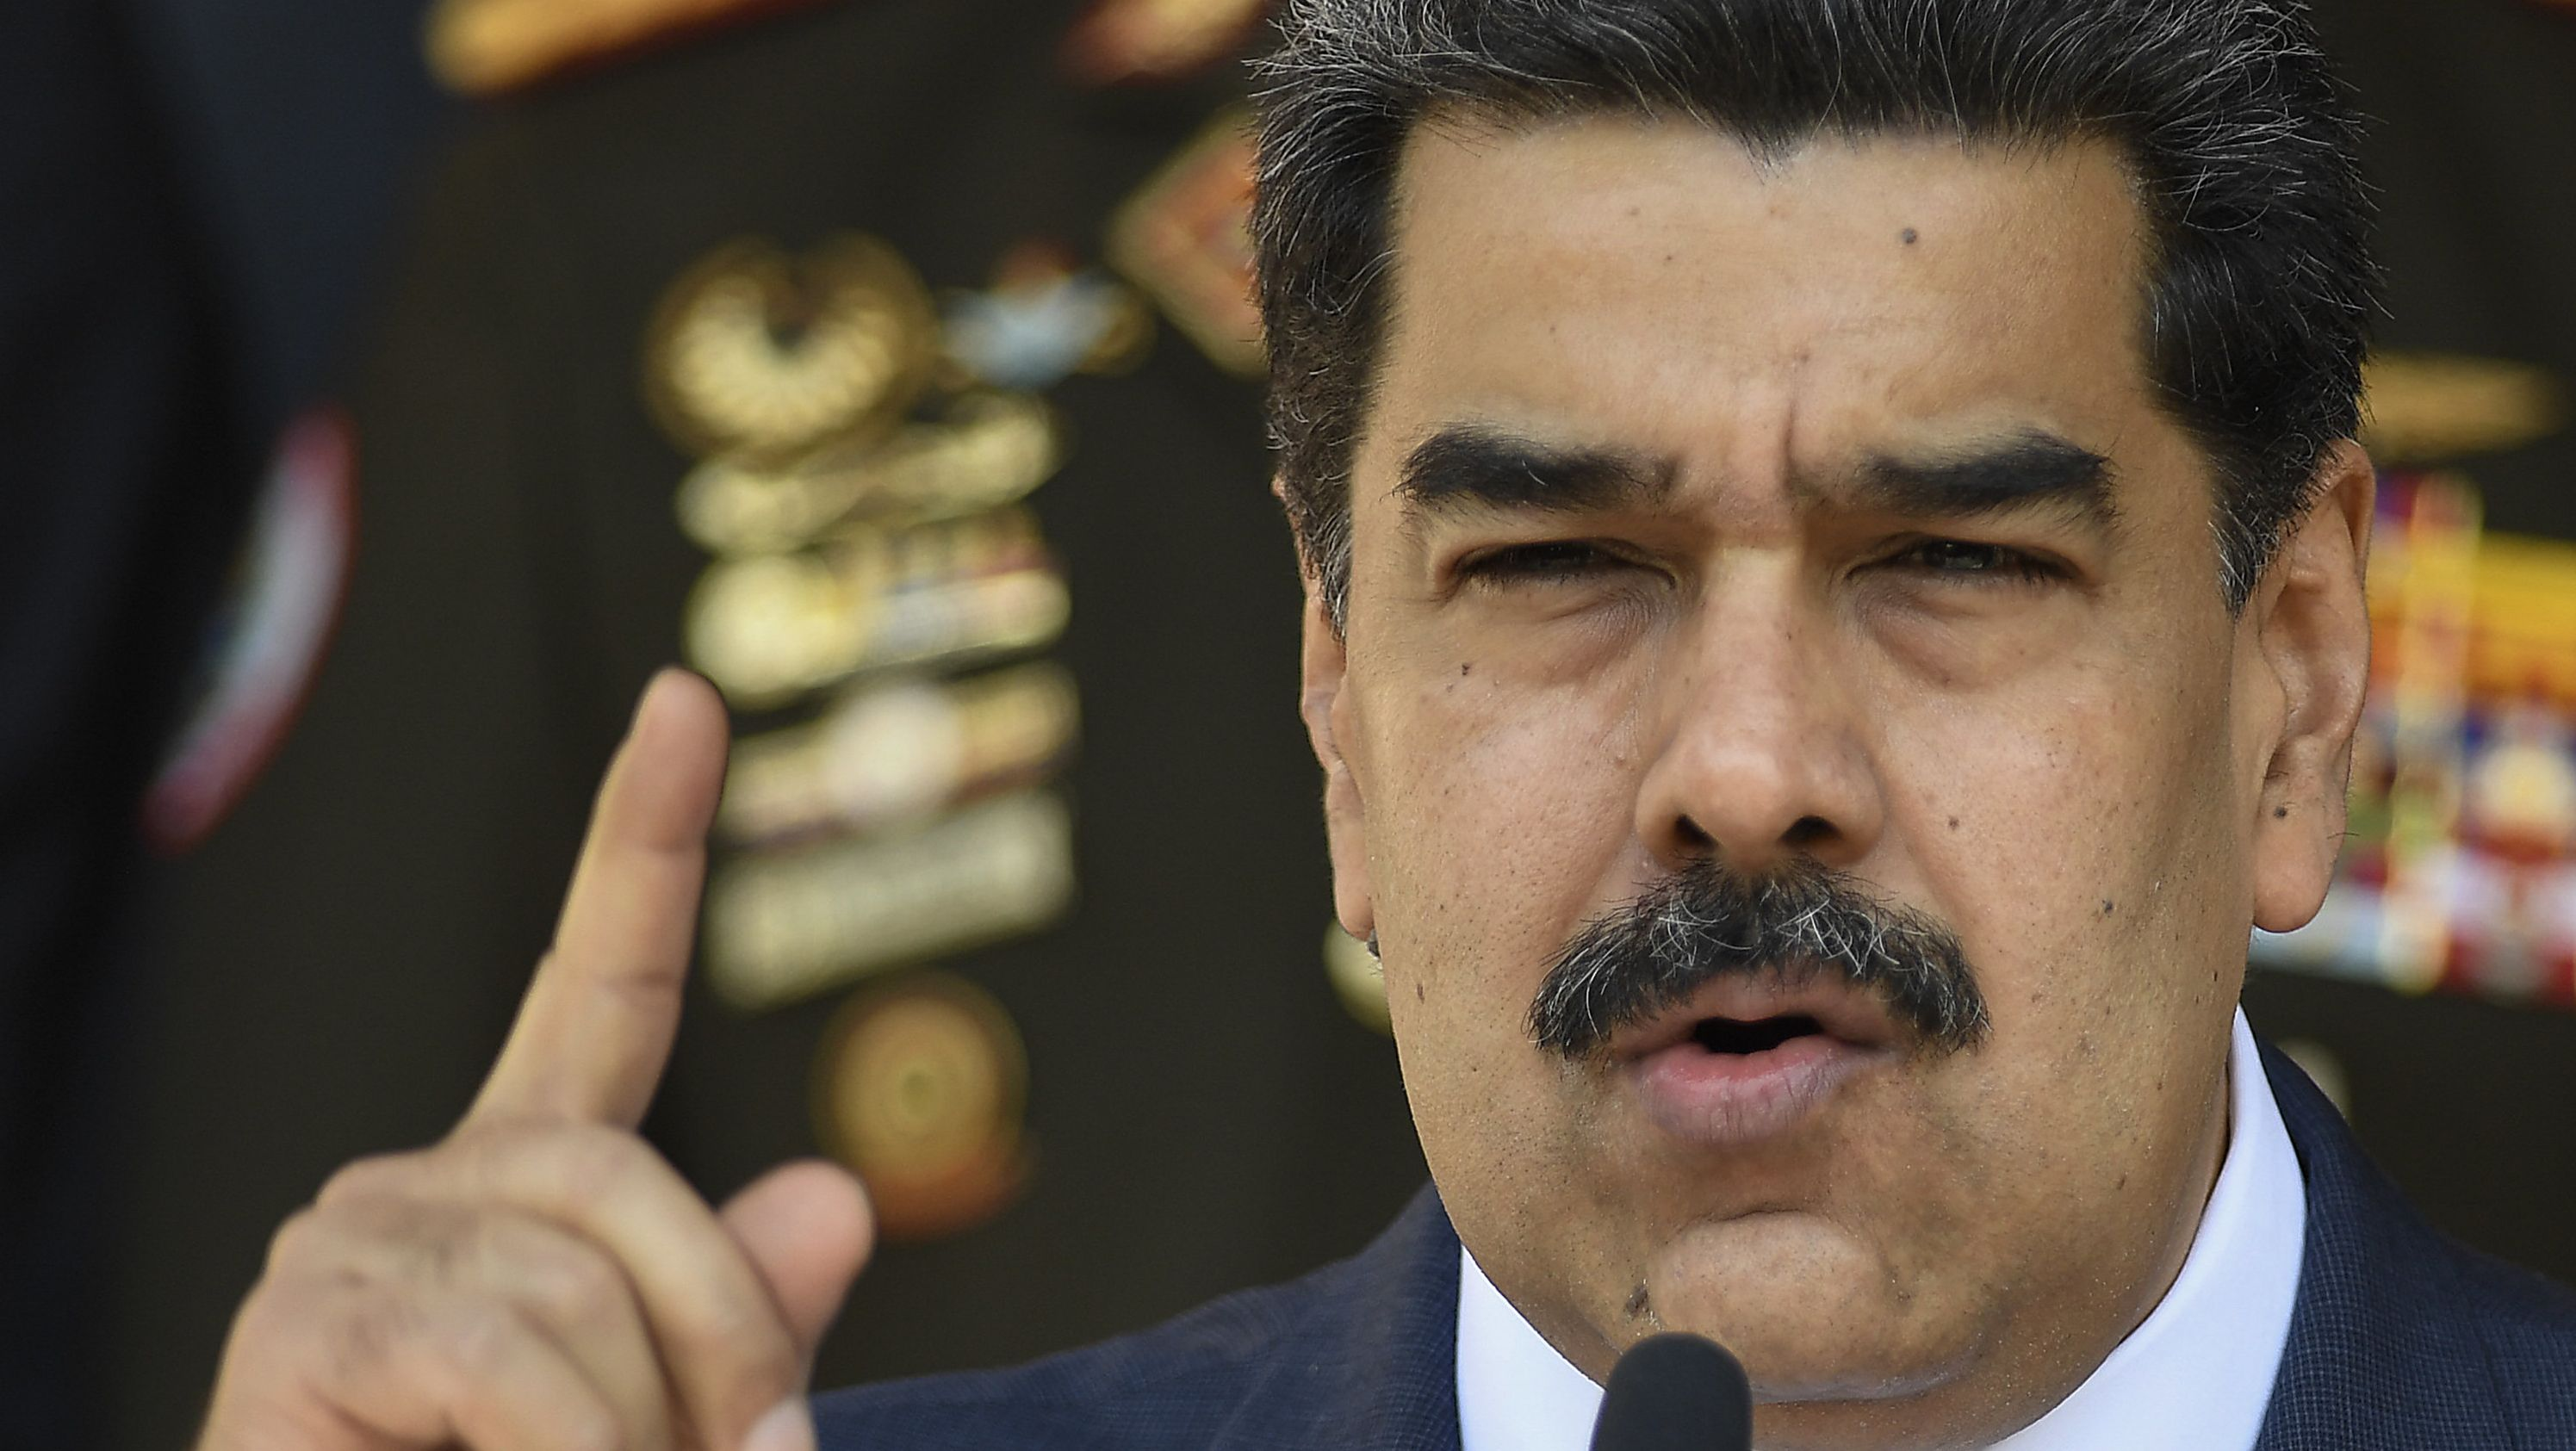 Präsident von Venezuela Nicolas Maduro spricht auf einer Pressekonferenz in Caracas.